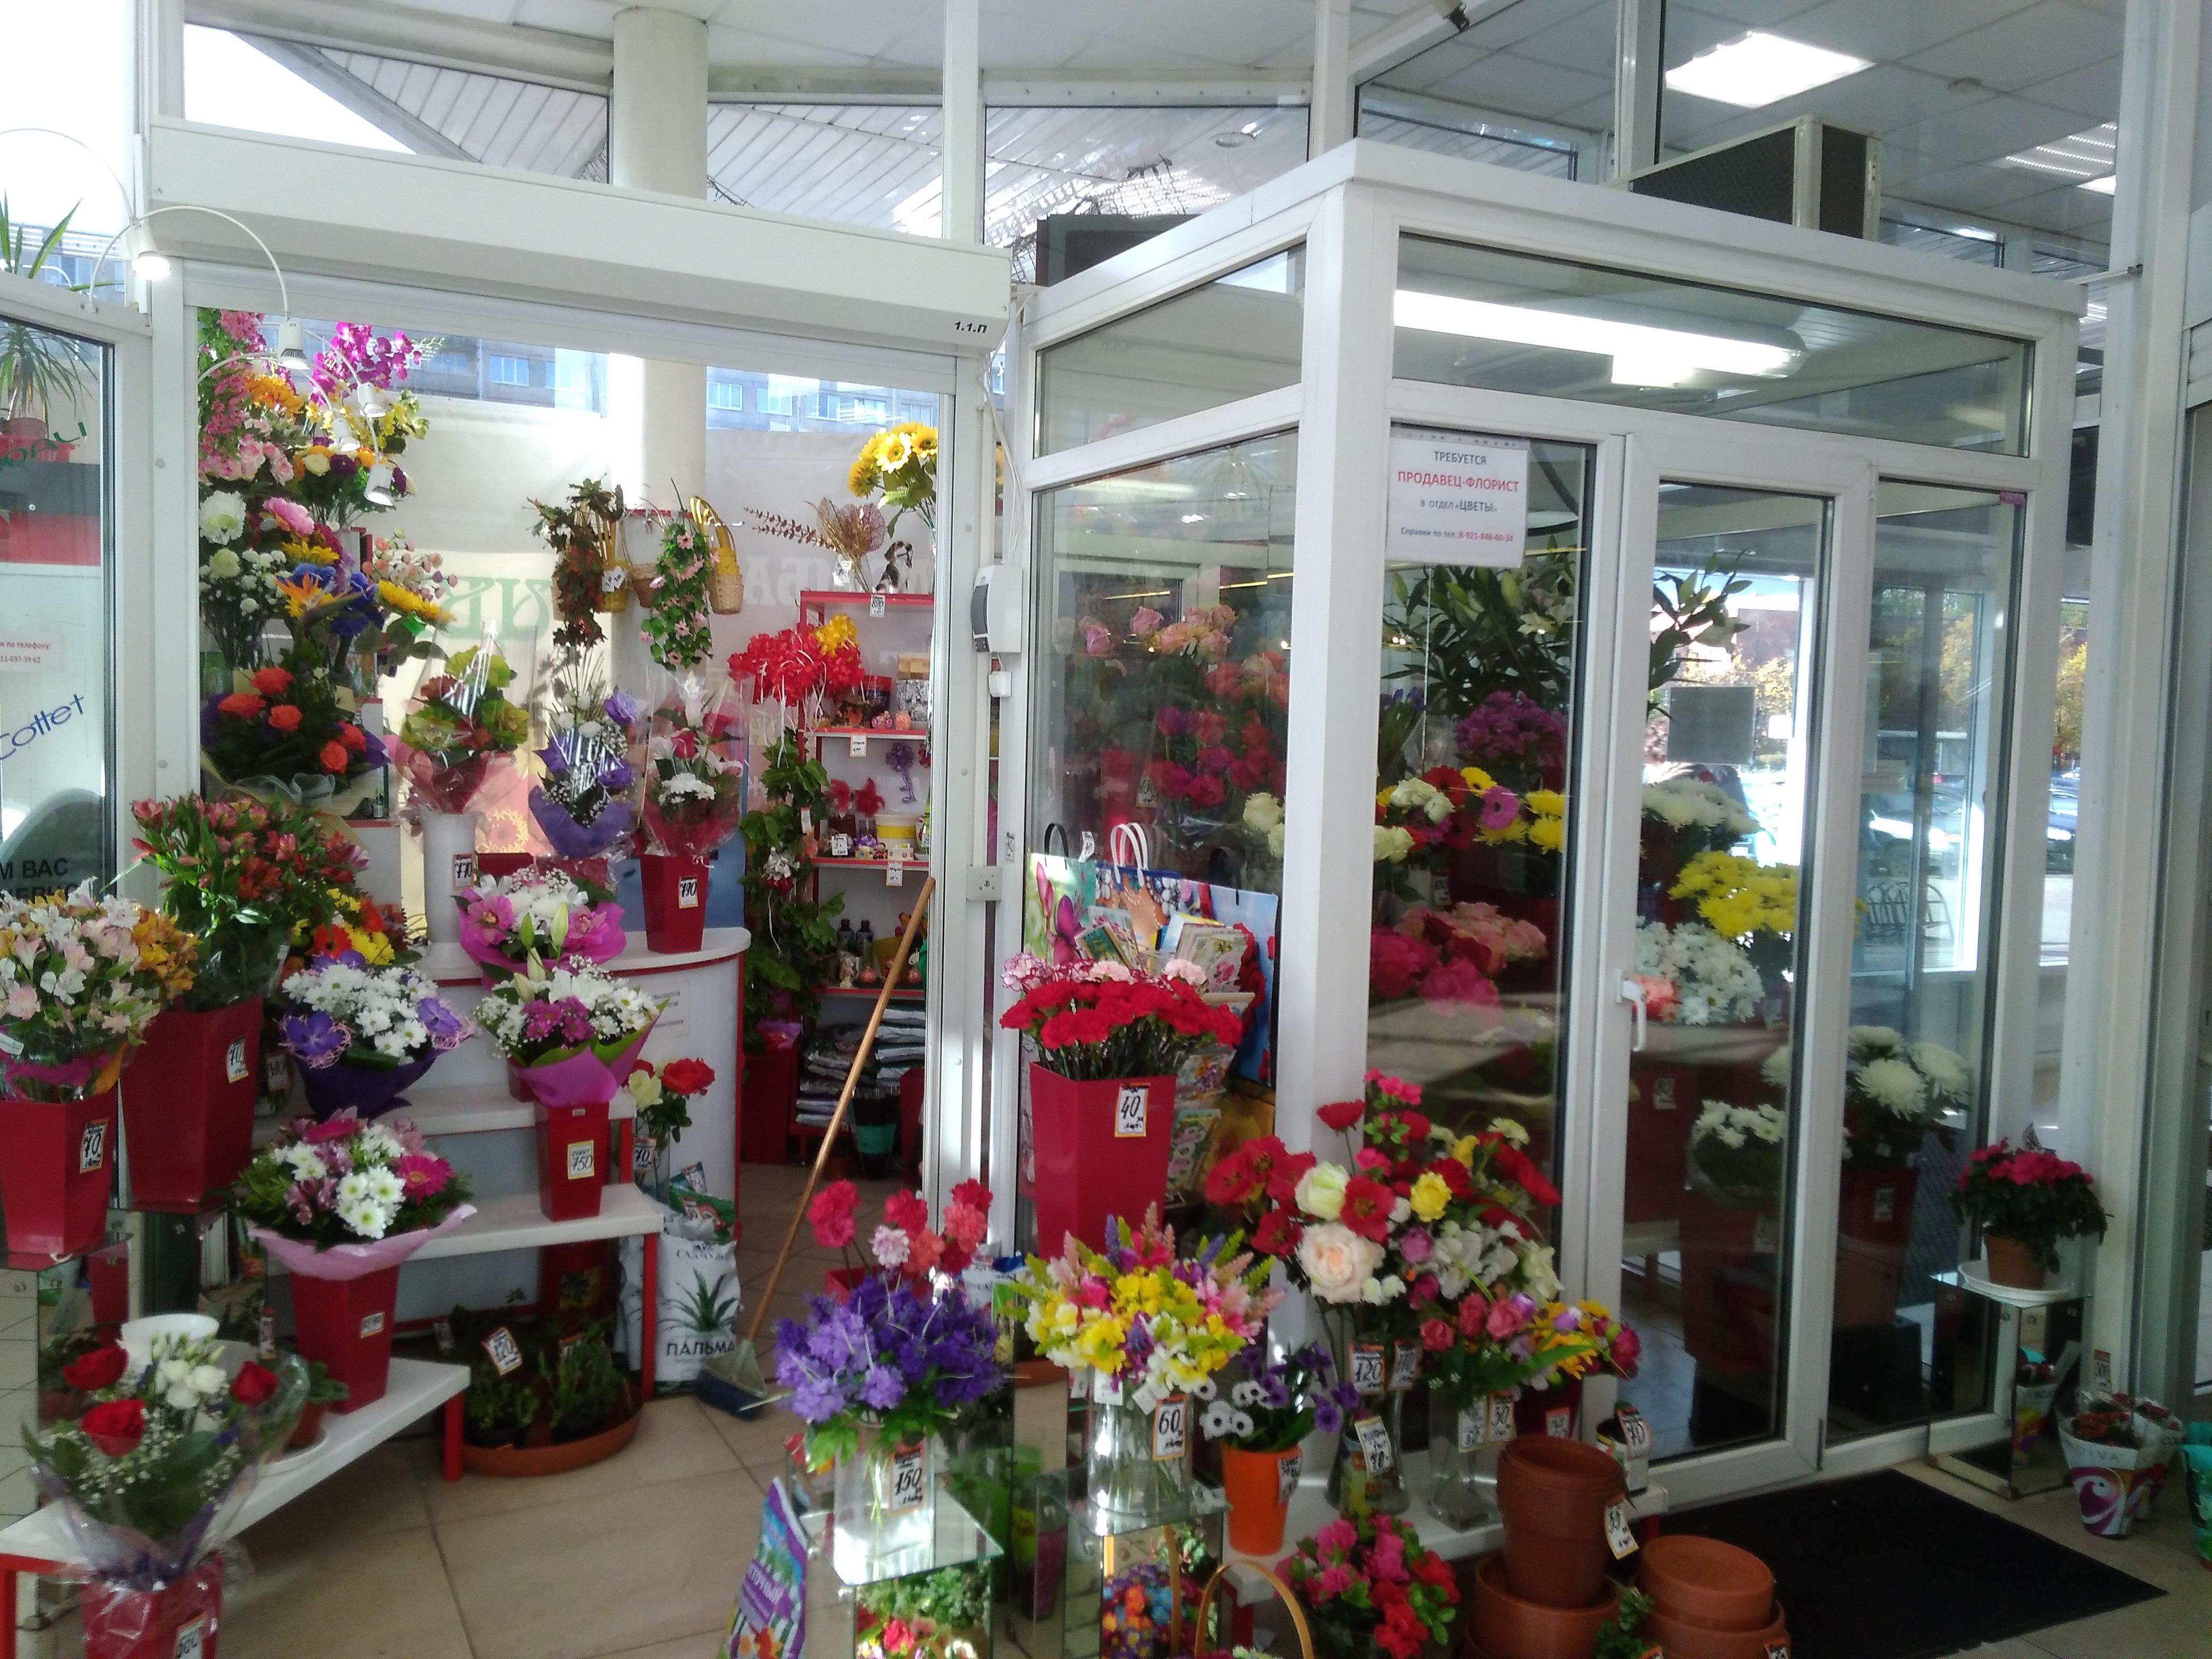 Белых, магазин цветов фрунзенский район